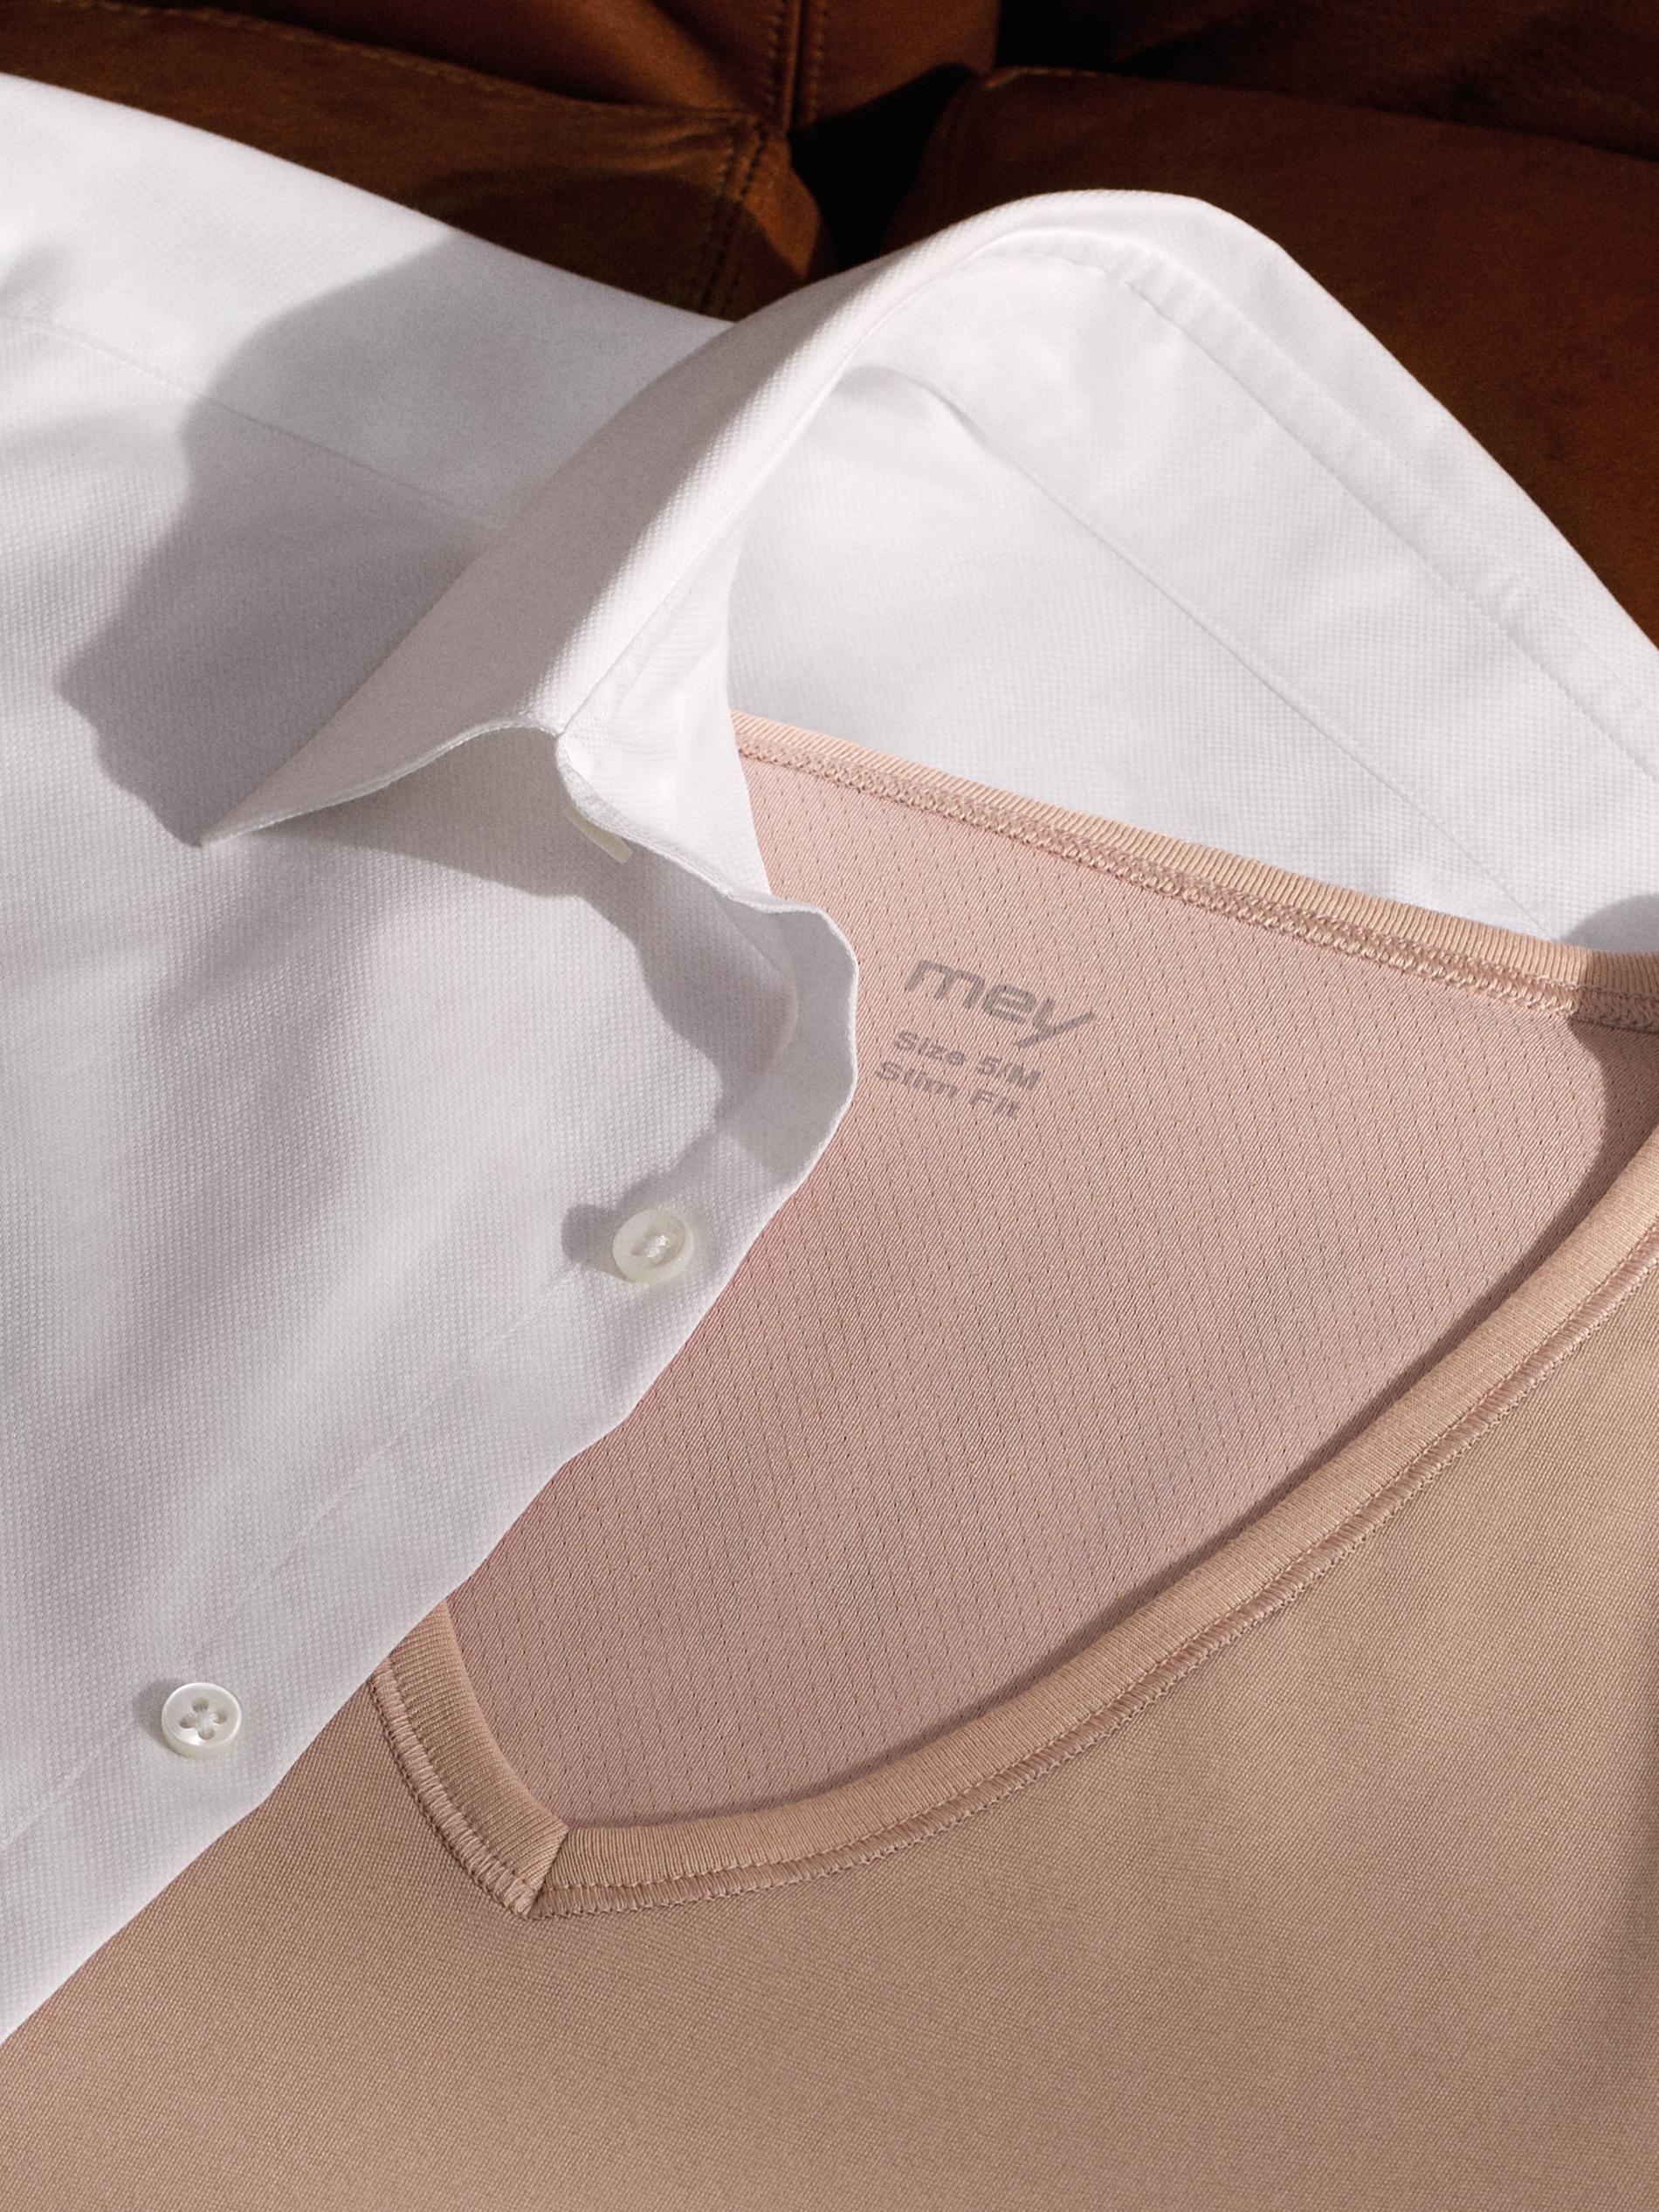 mey® Stoffeinsatz mit den COOLMAX® Fasern im Nacken des Drunterhemds in der Farbe Light Skin, wird leicht von einem weißen Hemd verdeckt